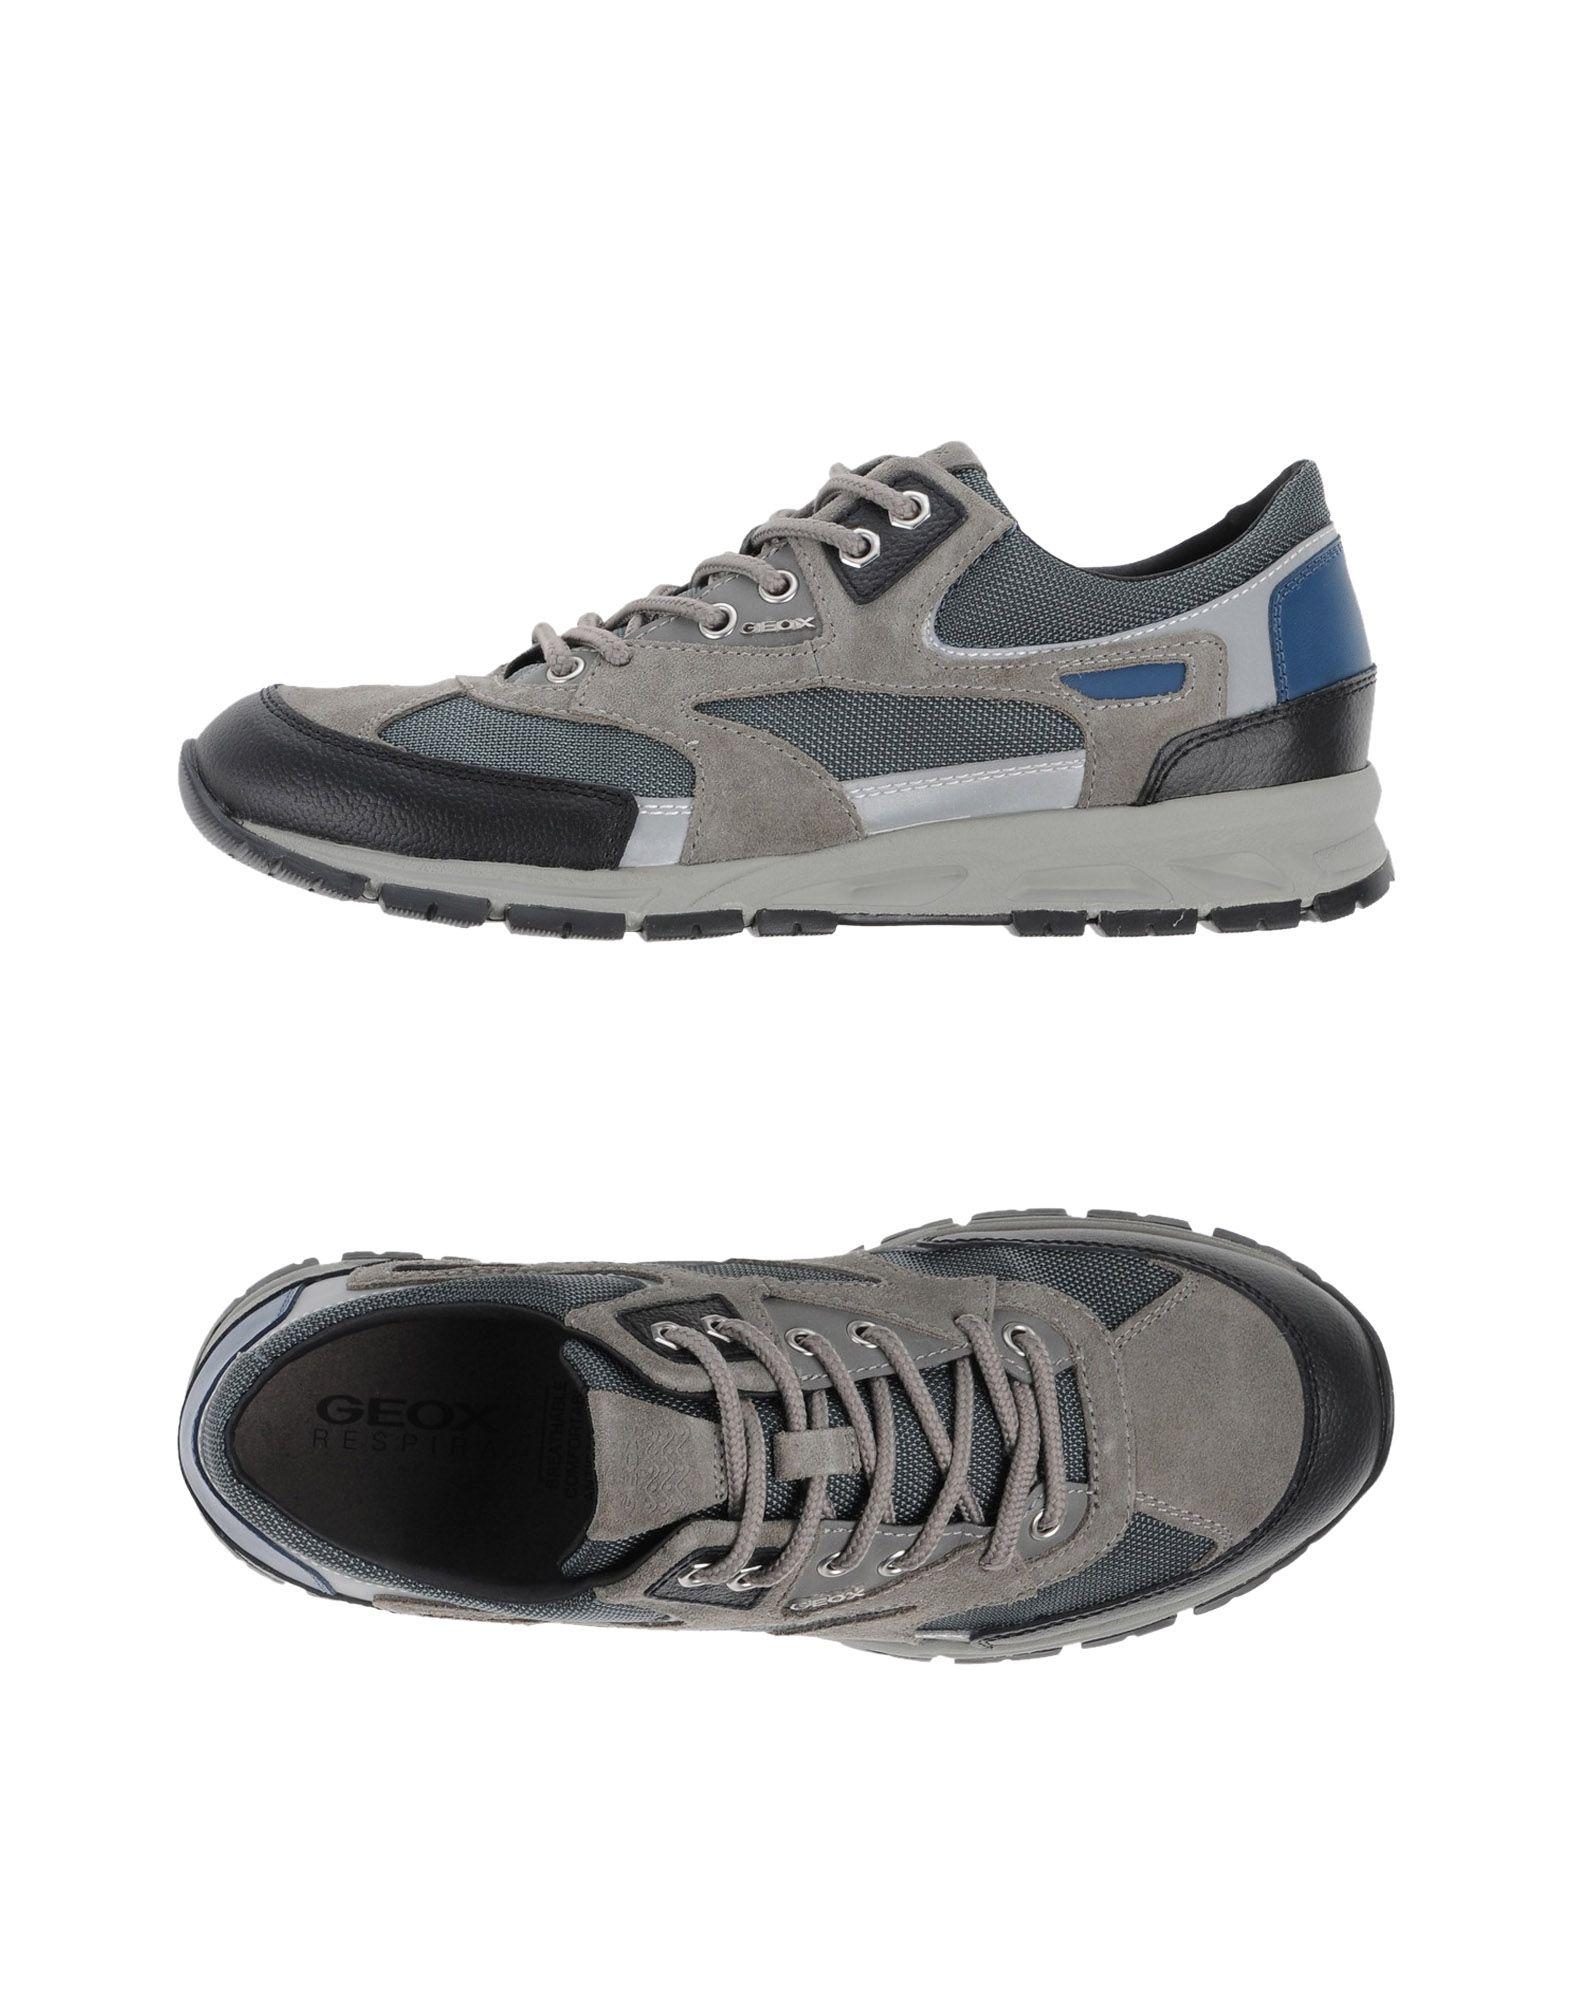 Geox Sneakers - Men Geox Sneakers online on on on  Australia - 11253261UB 1eed3b